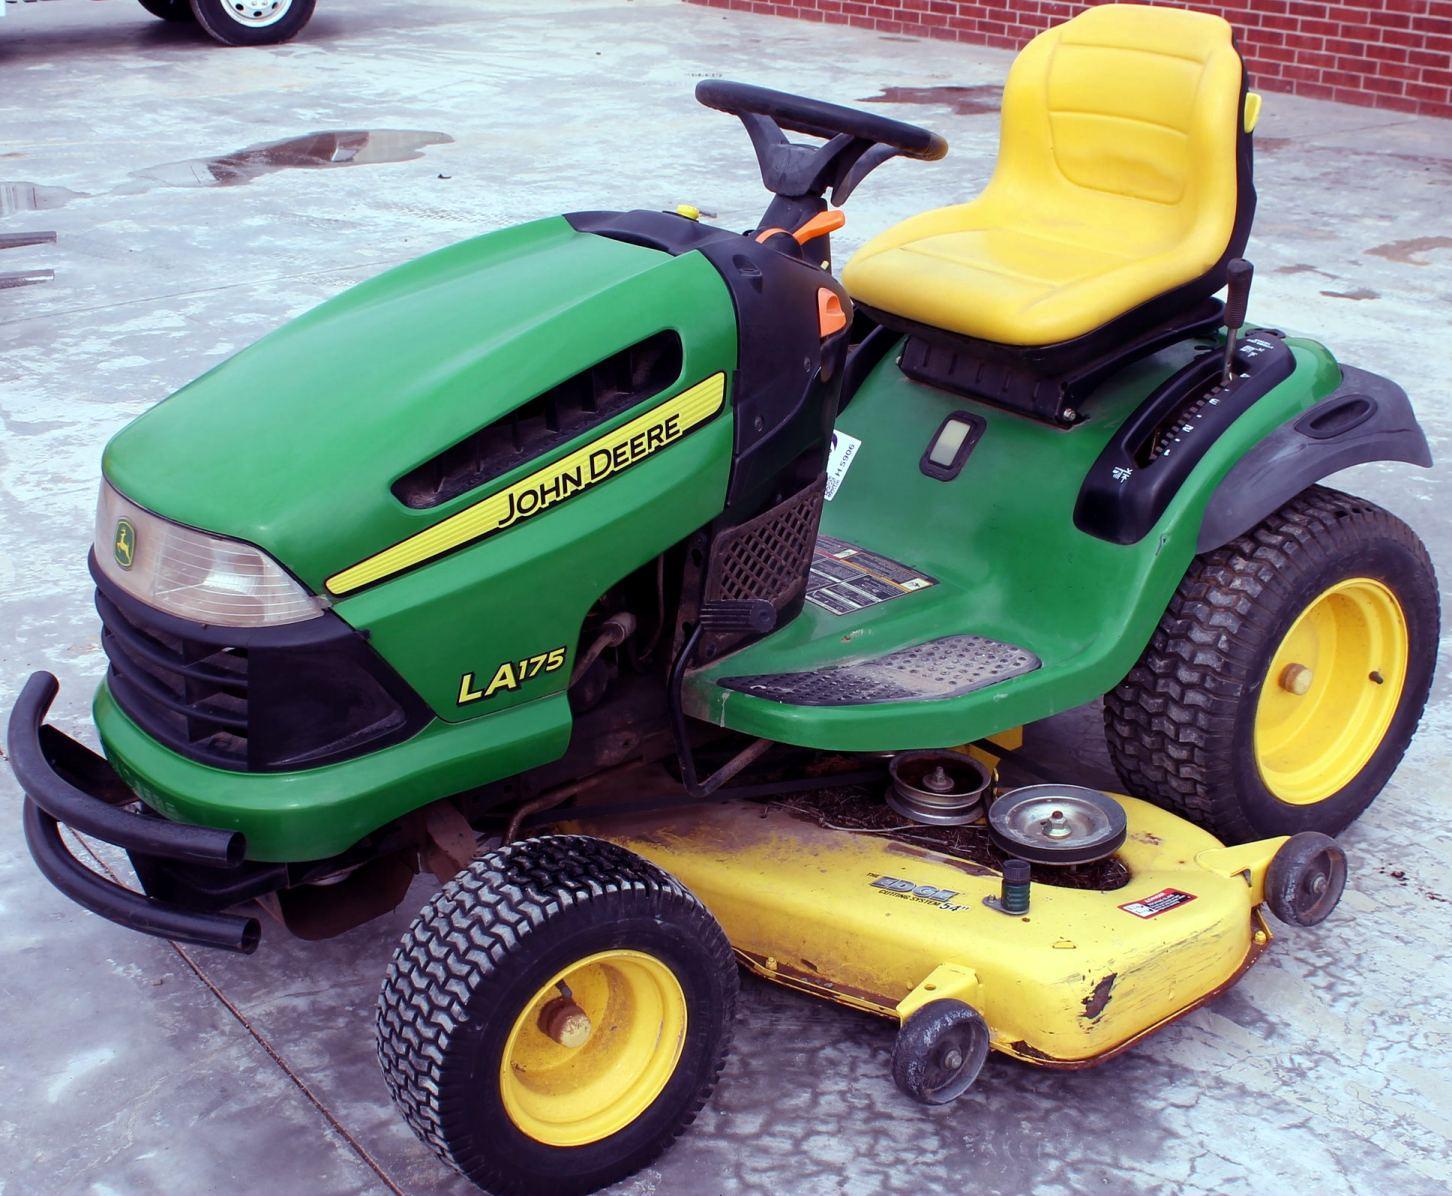 John Deere Tractors La105  La115  La125  La135  La145